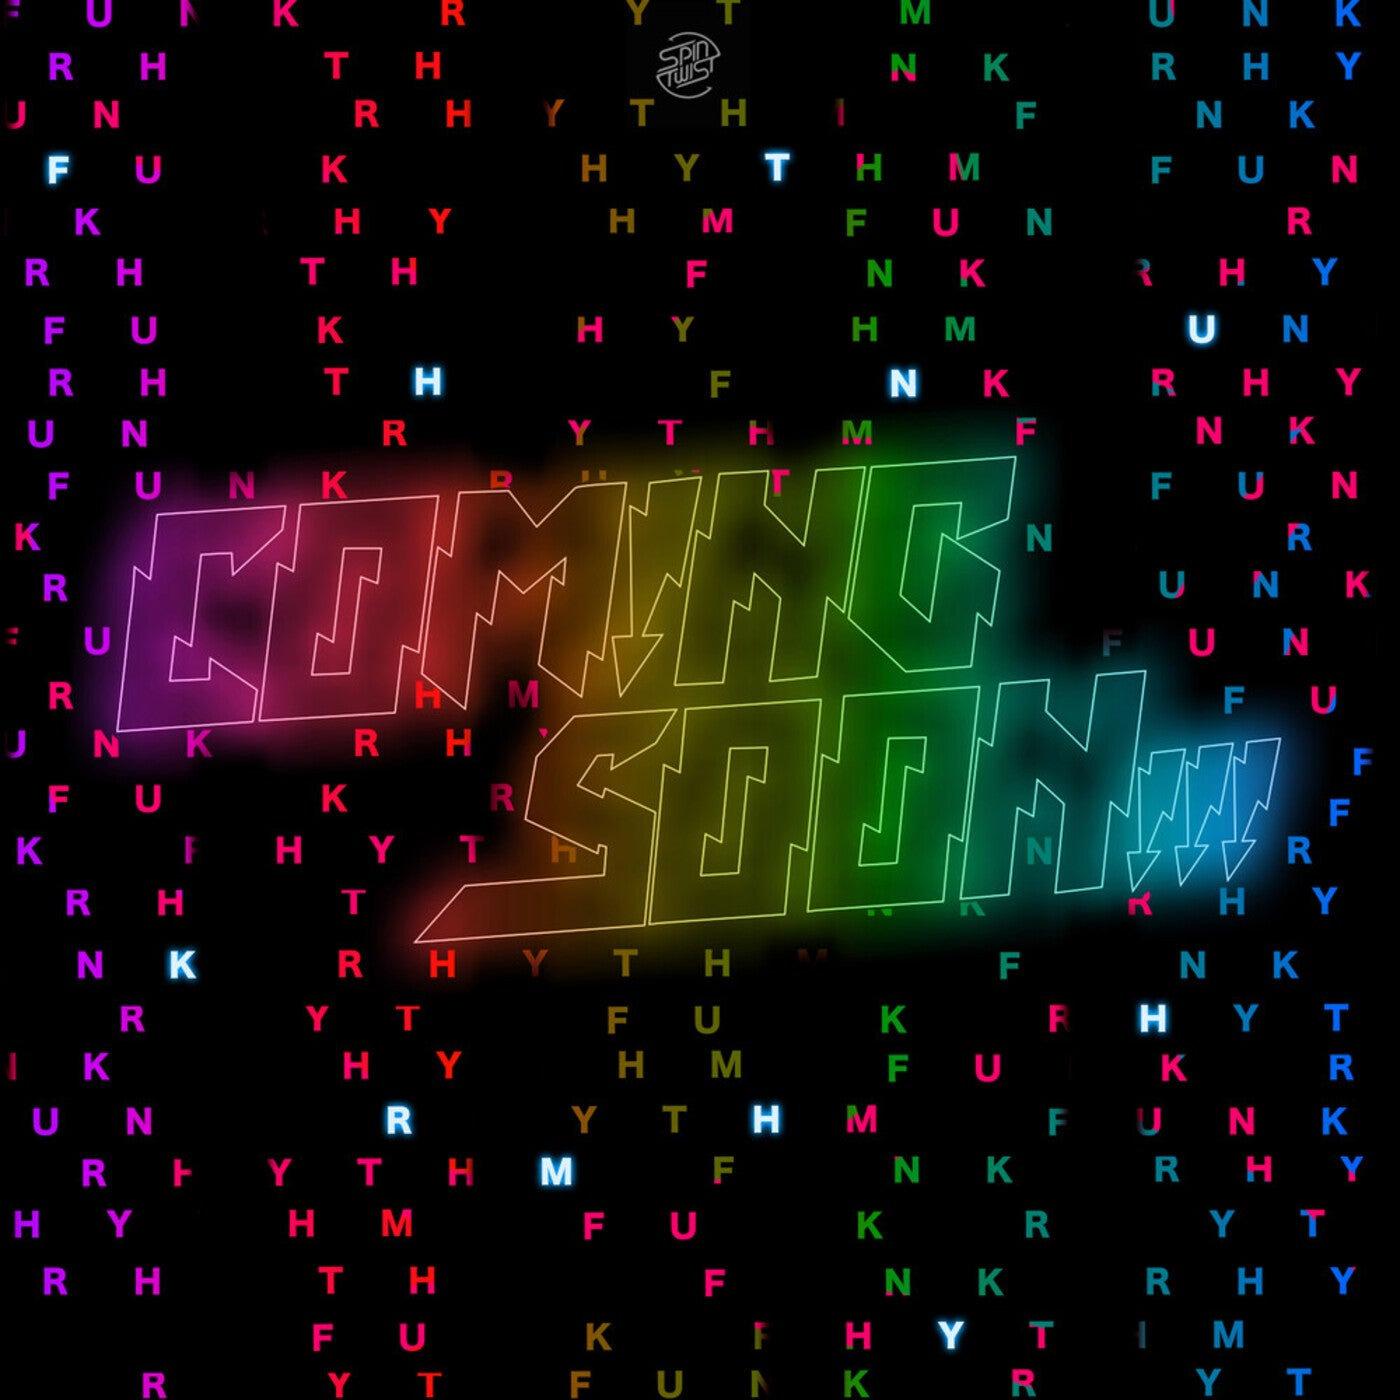 Funky Rhythm (Original Mix)